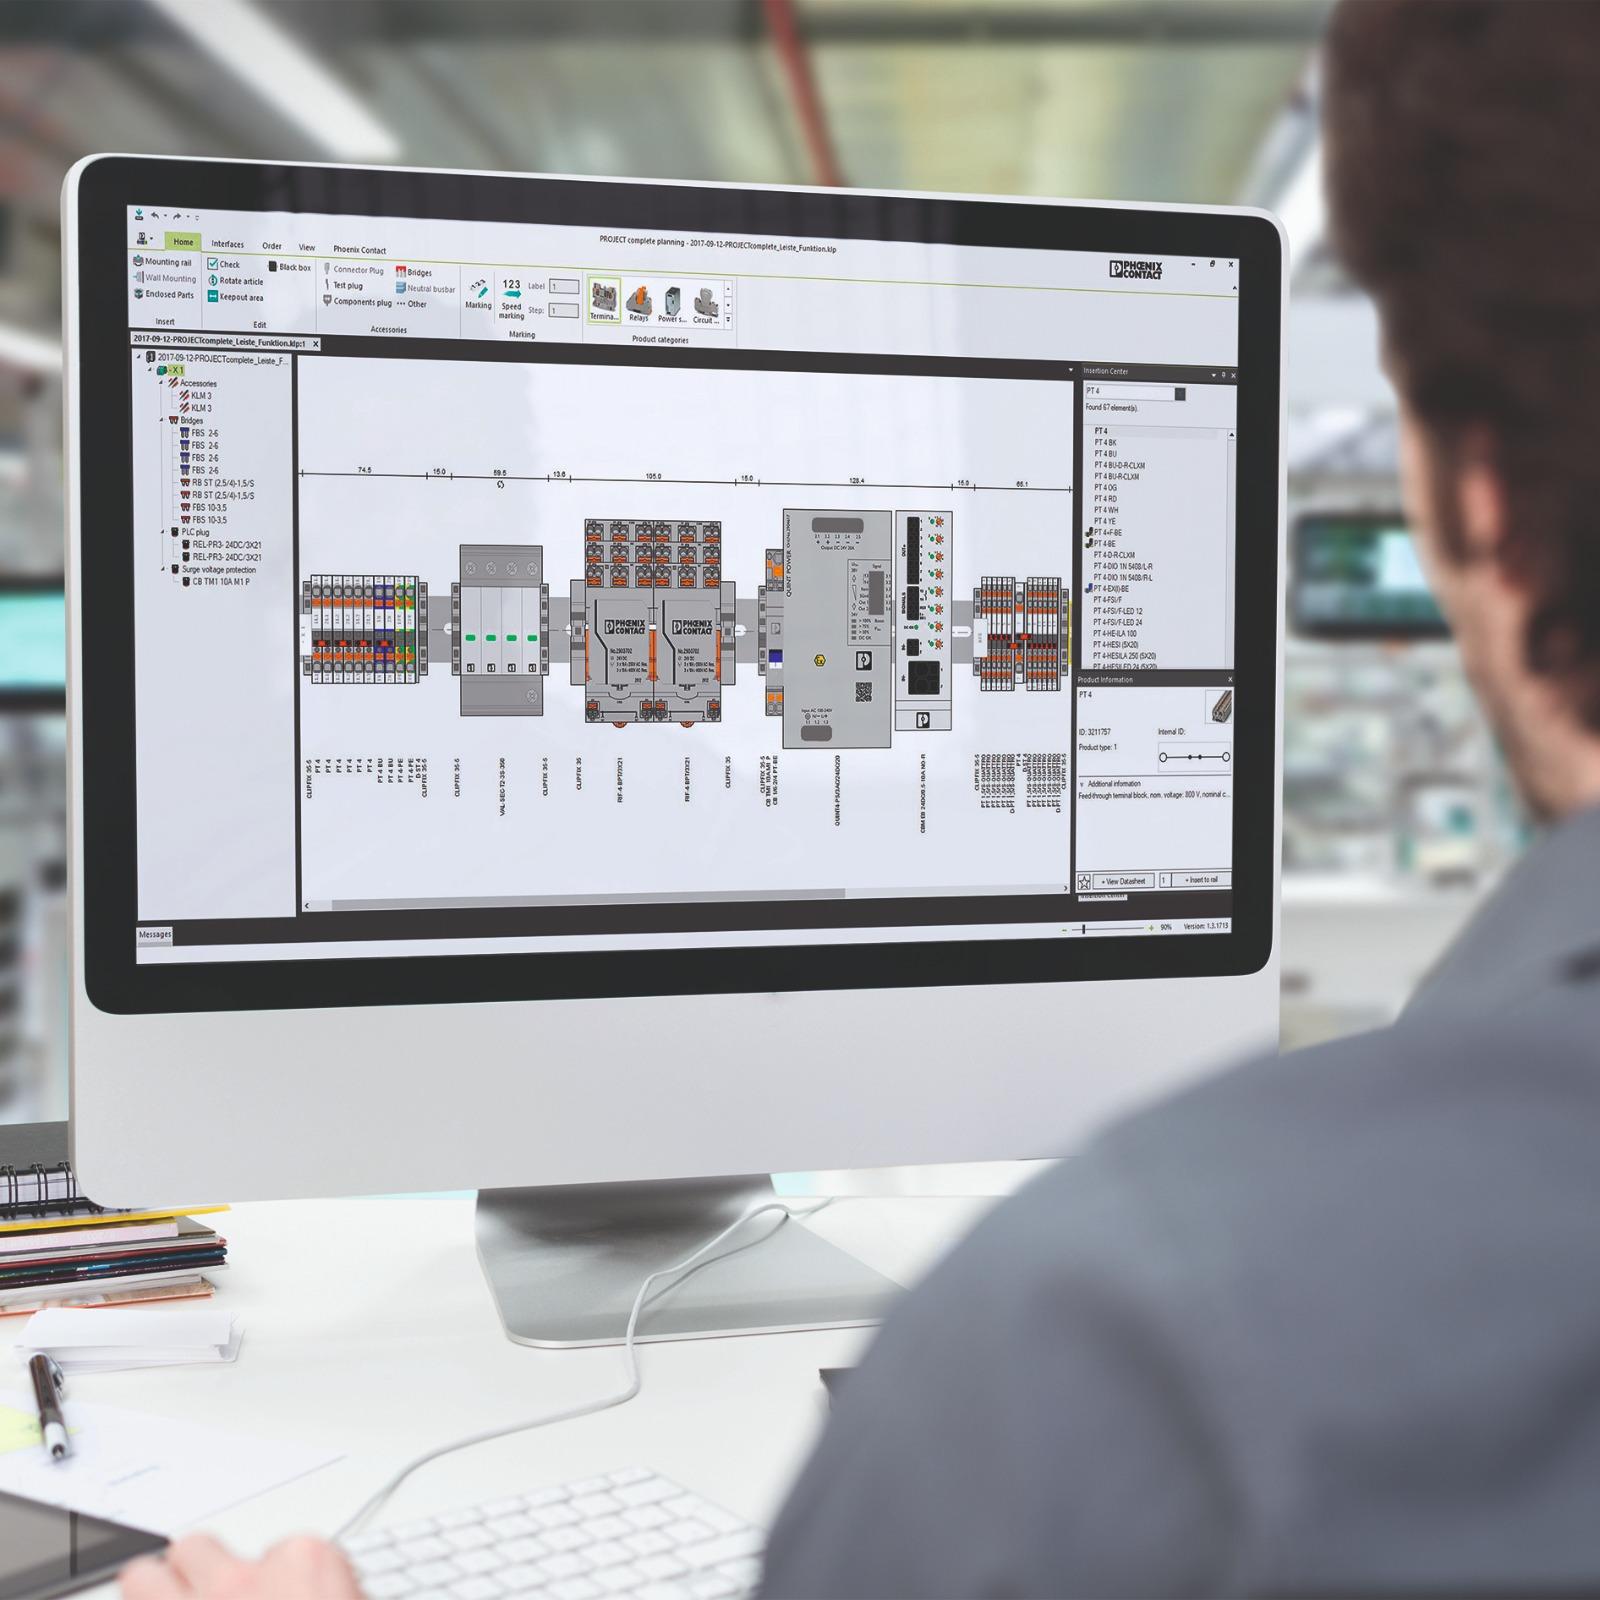 Dijital ürün verileri: Quint power ürün ailesinin dijital kullanılabilirliği sayesinde, sistem planlanması son derece basit hale getirilmiştir.